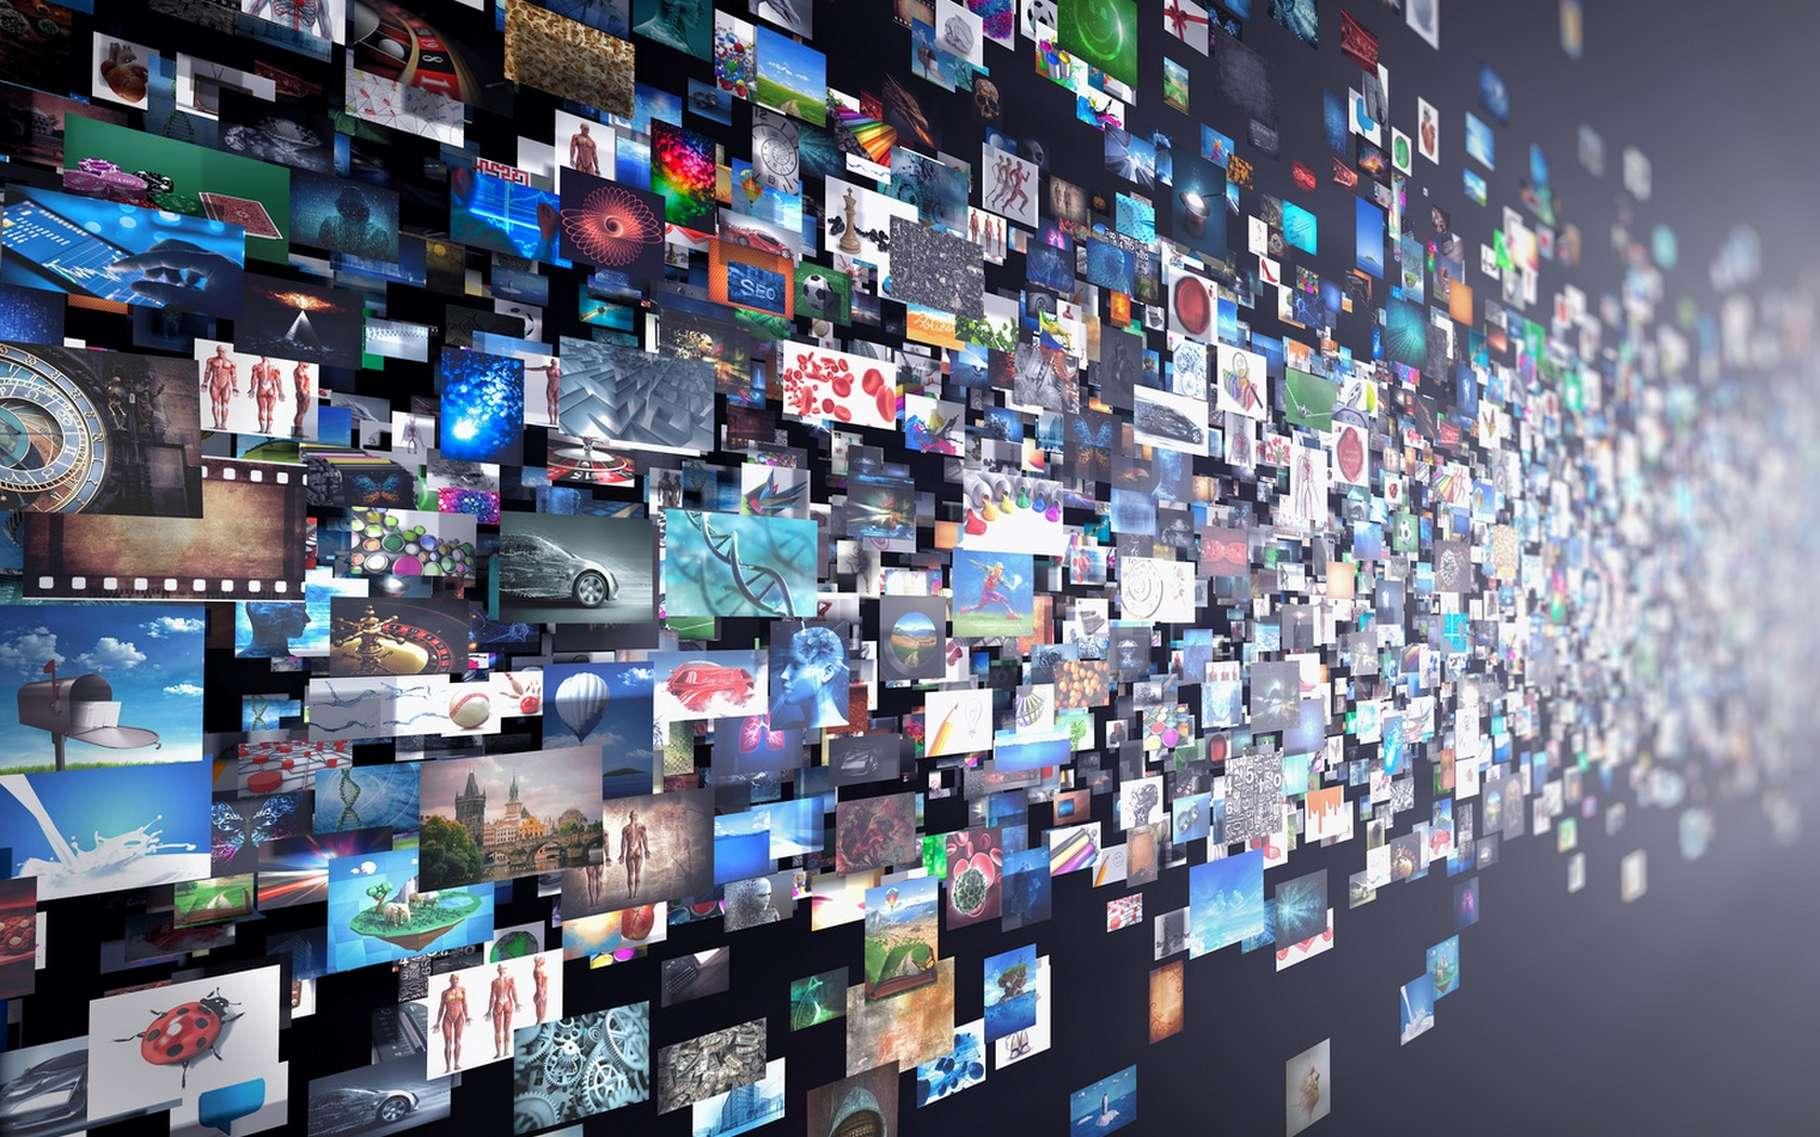 La consommation des contenus vidéo et audio en streaming s'est peu à peu imposée face au téléchargement. © Adimas, Fotolia